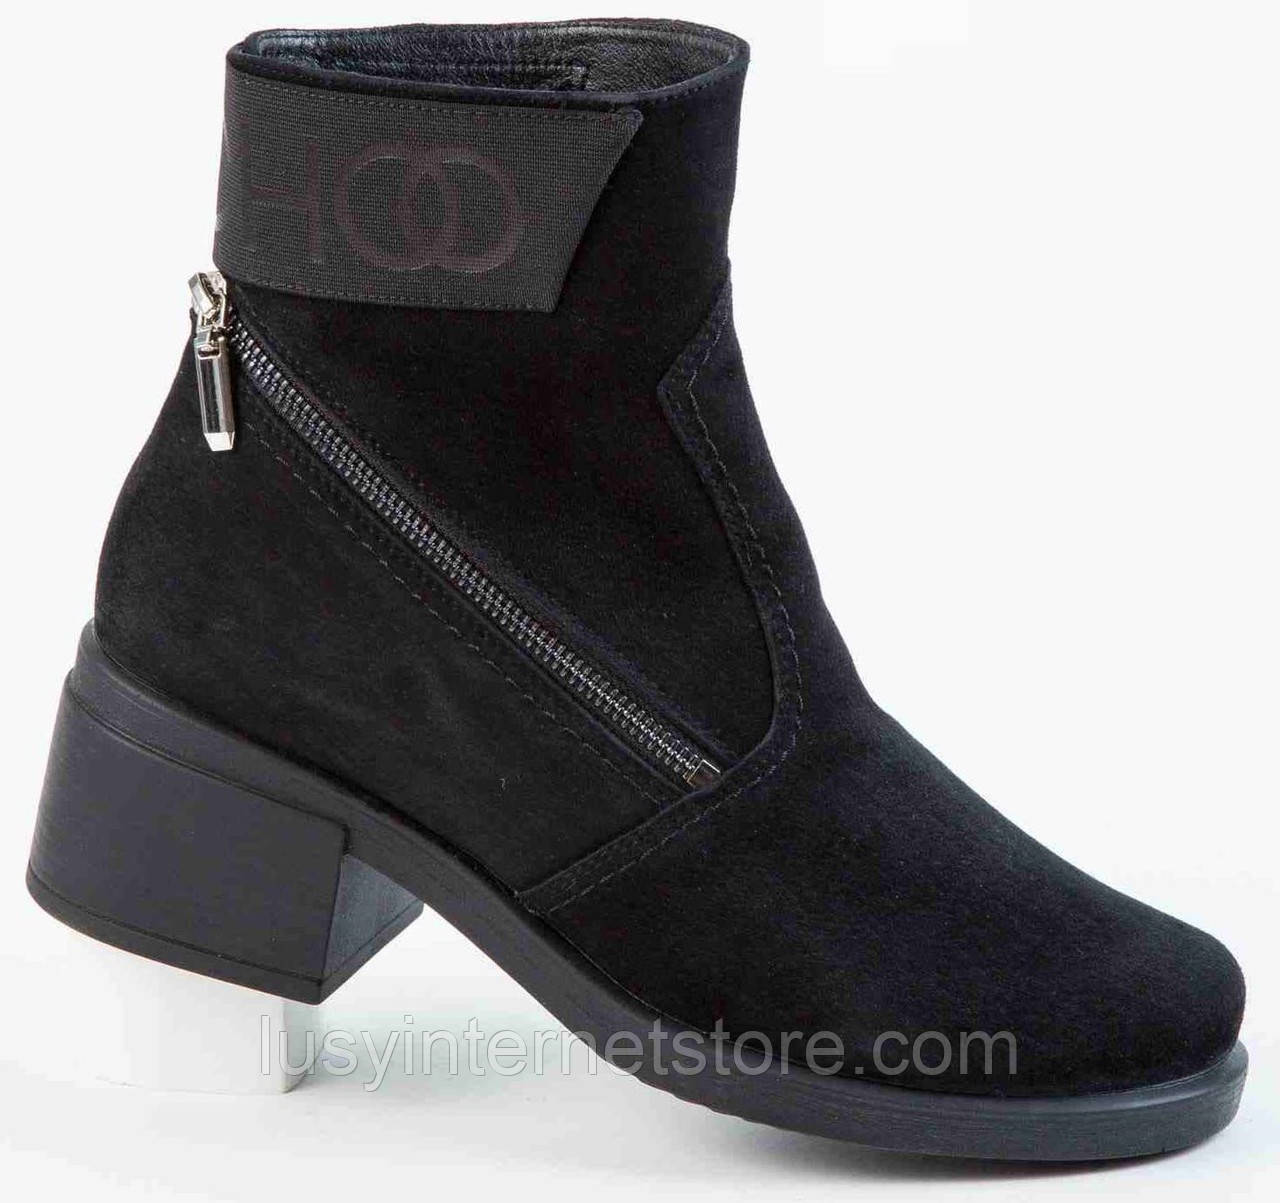 Ботинки замшевые женские на байке большого размера от производителя модель МИ3707-9